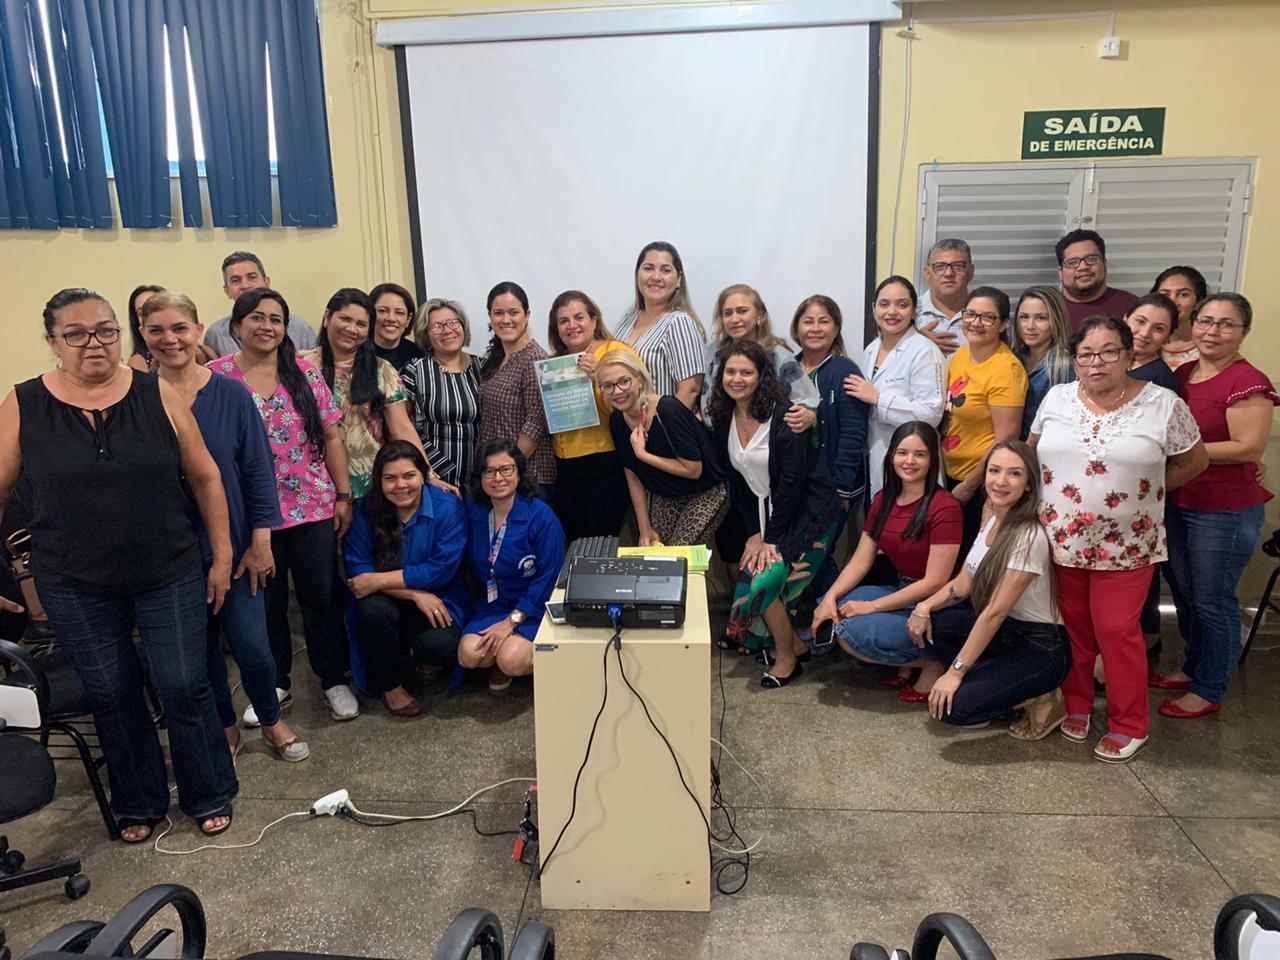 Moura Tapajóz apresenta protocolo de alimentação e nutrição em obstetrícia